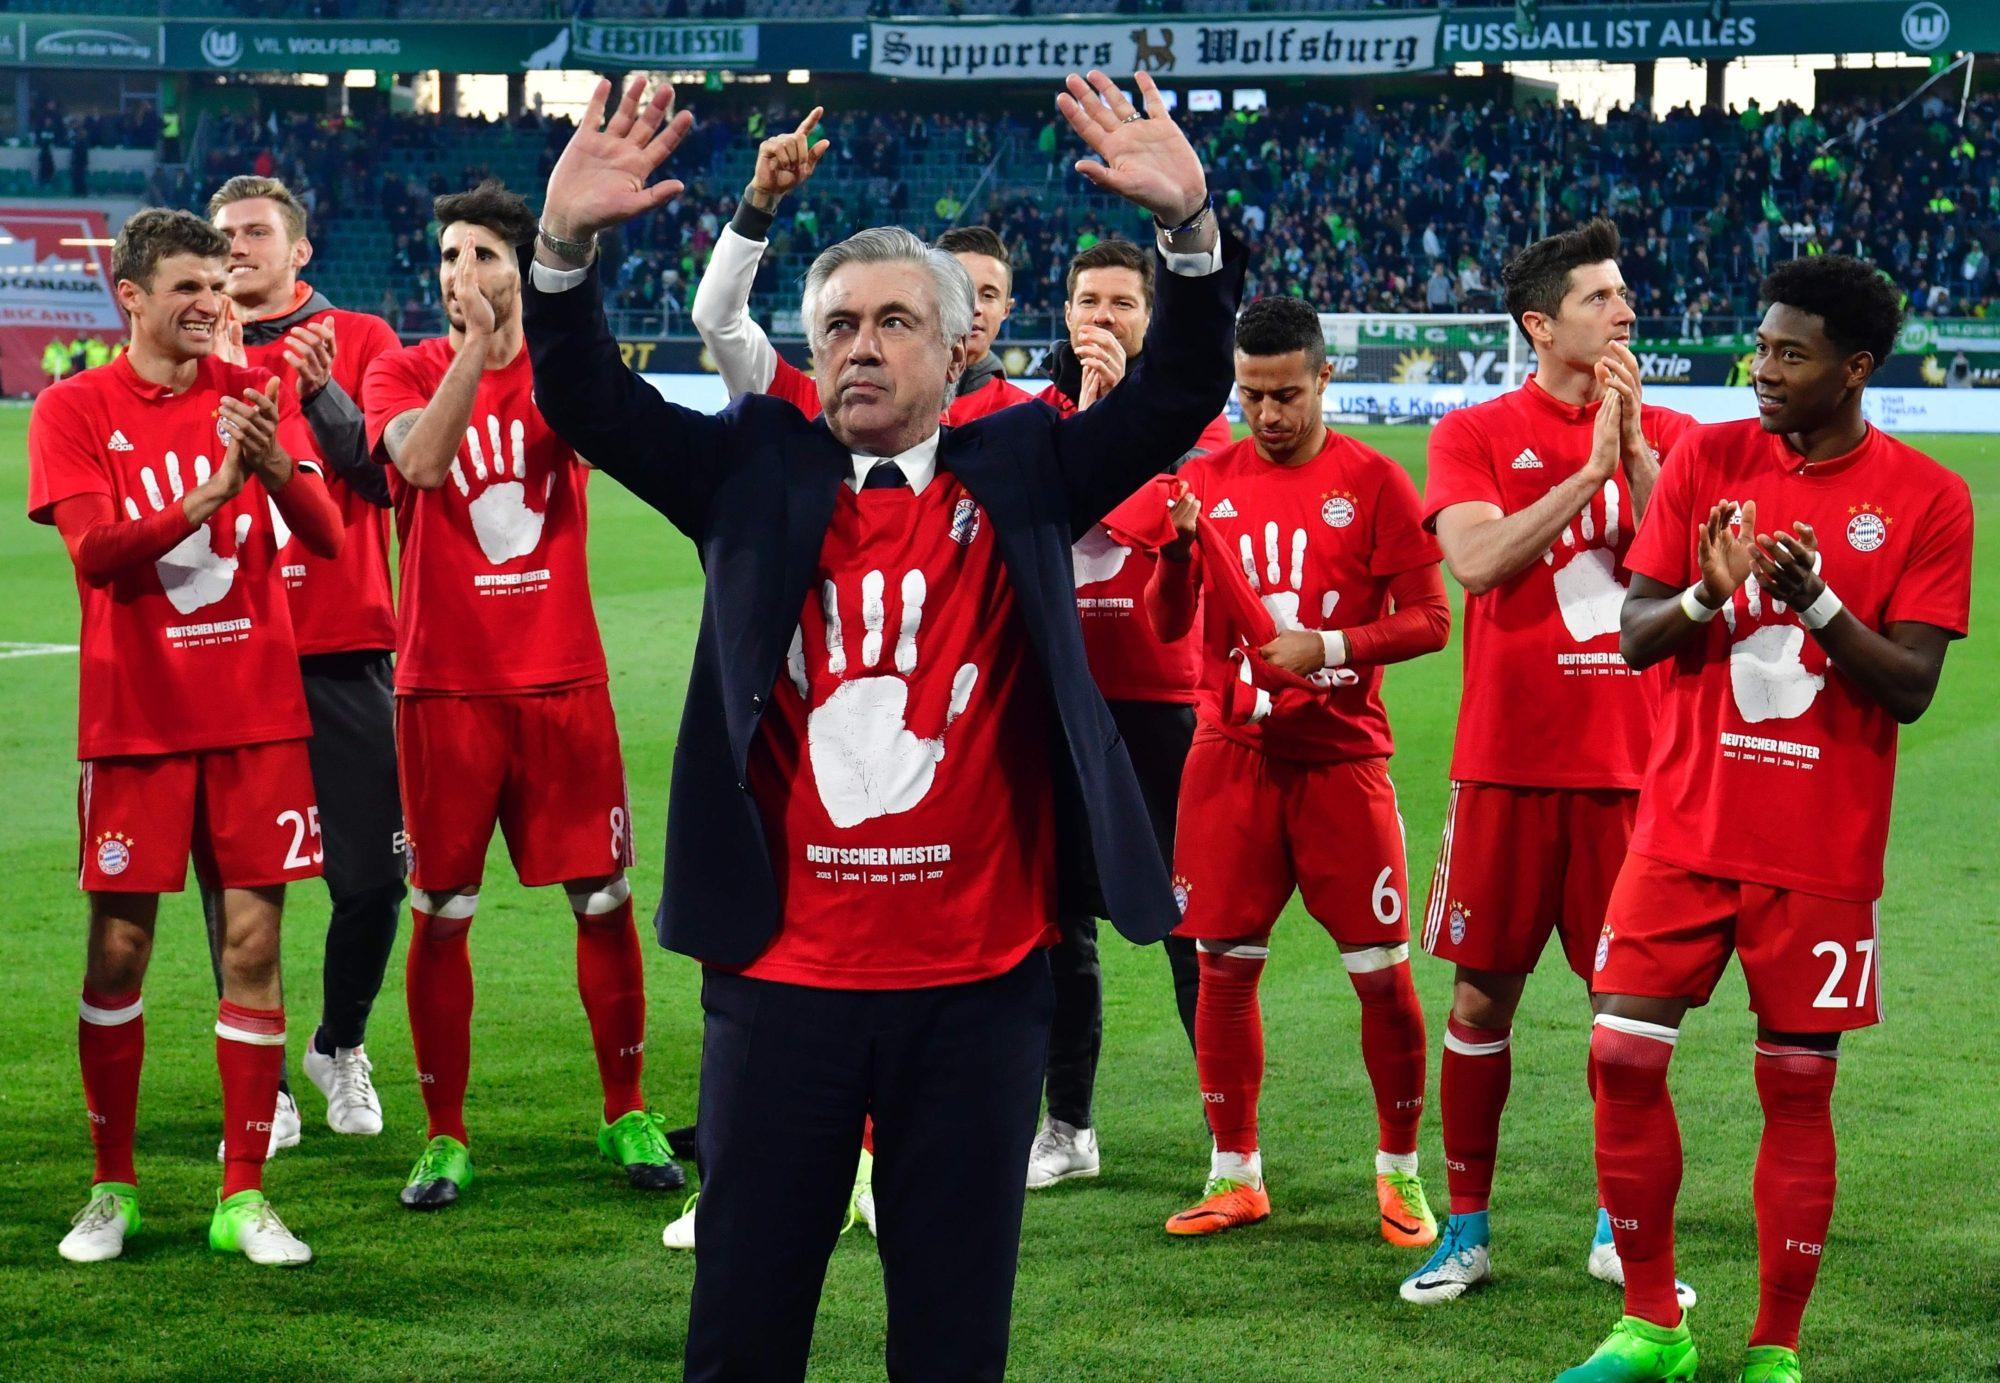 Состав футбольной команды мюнхенская бавария на сезон